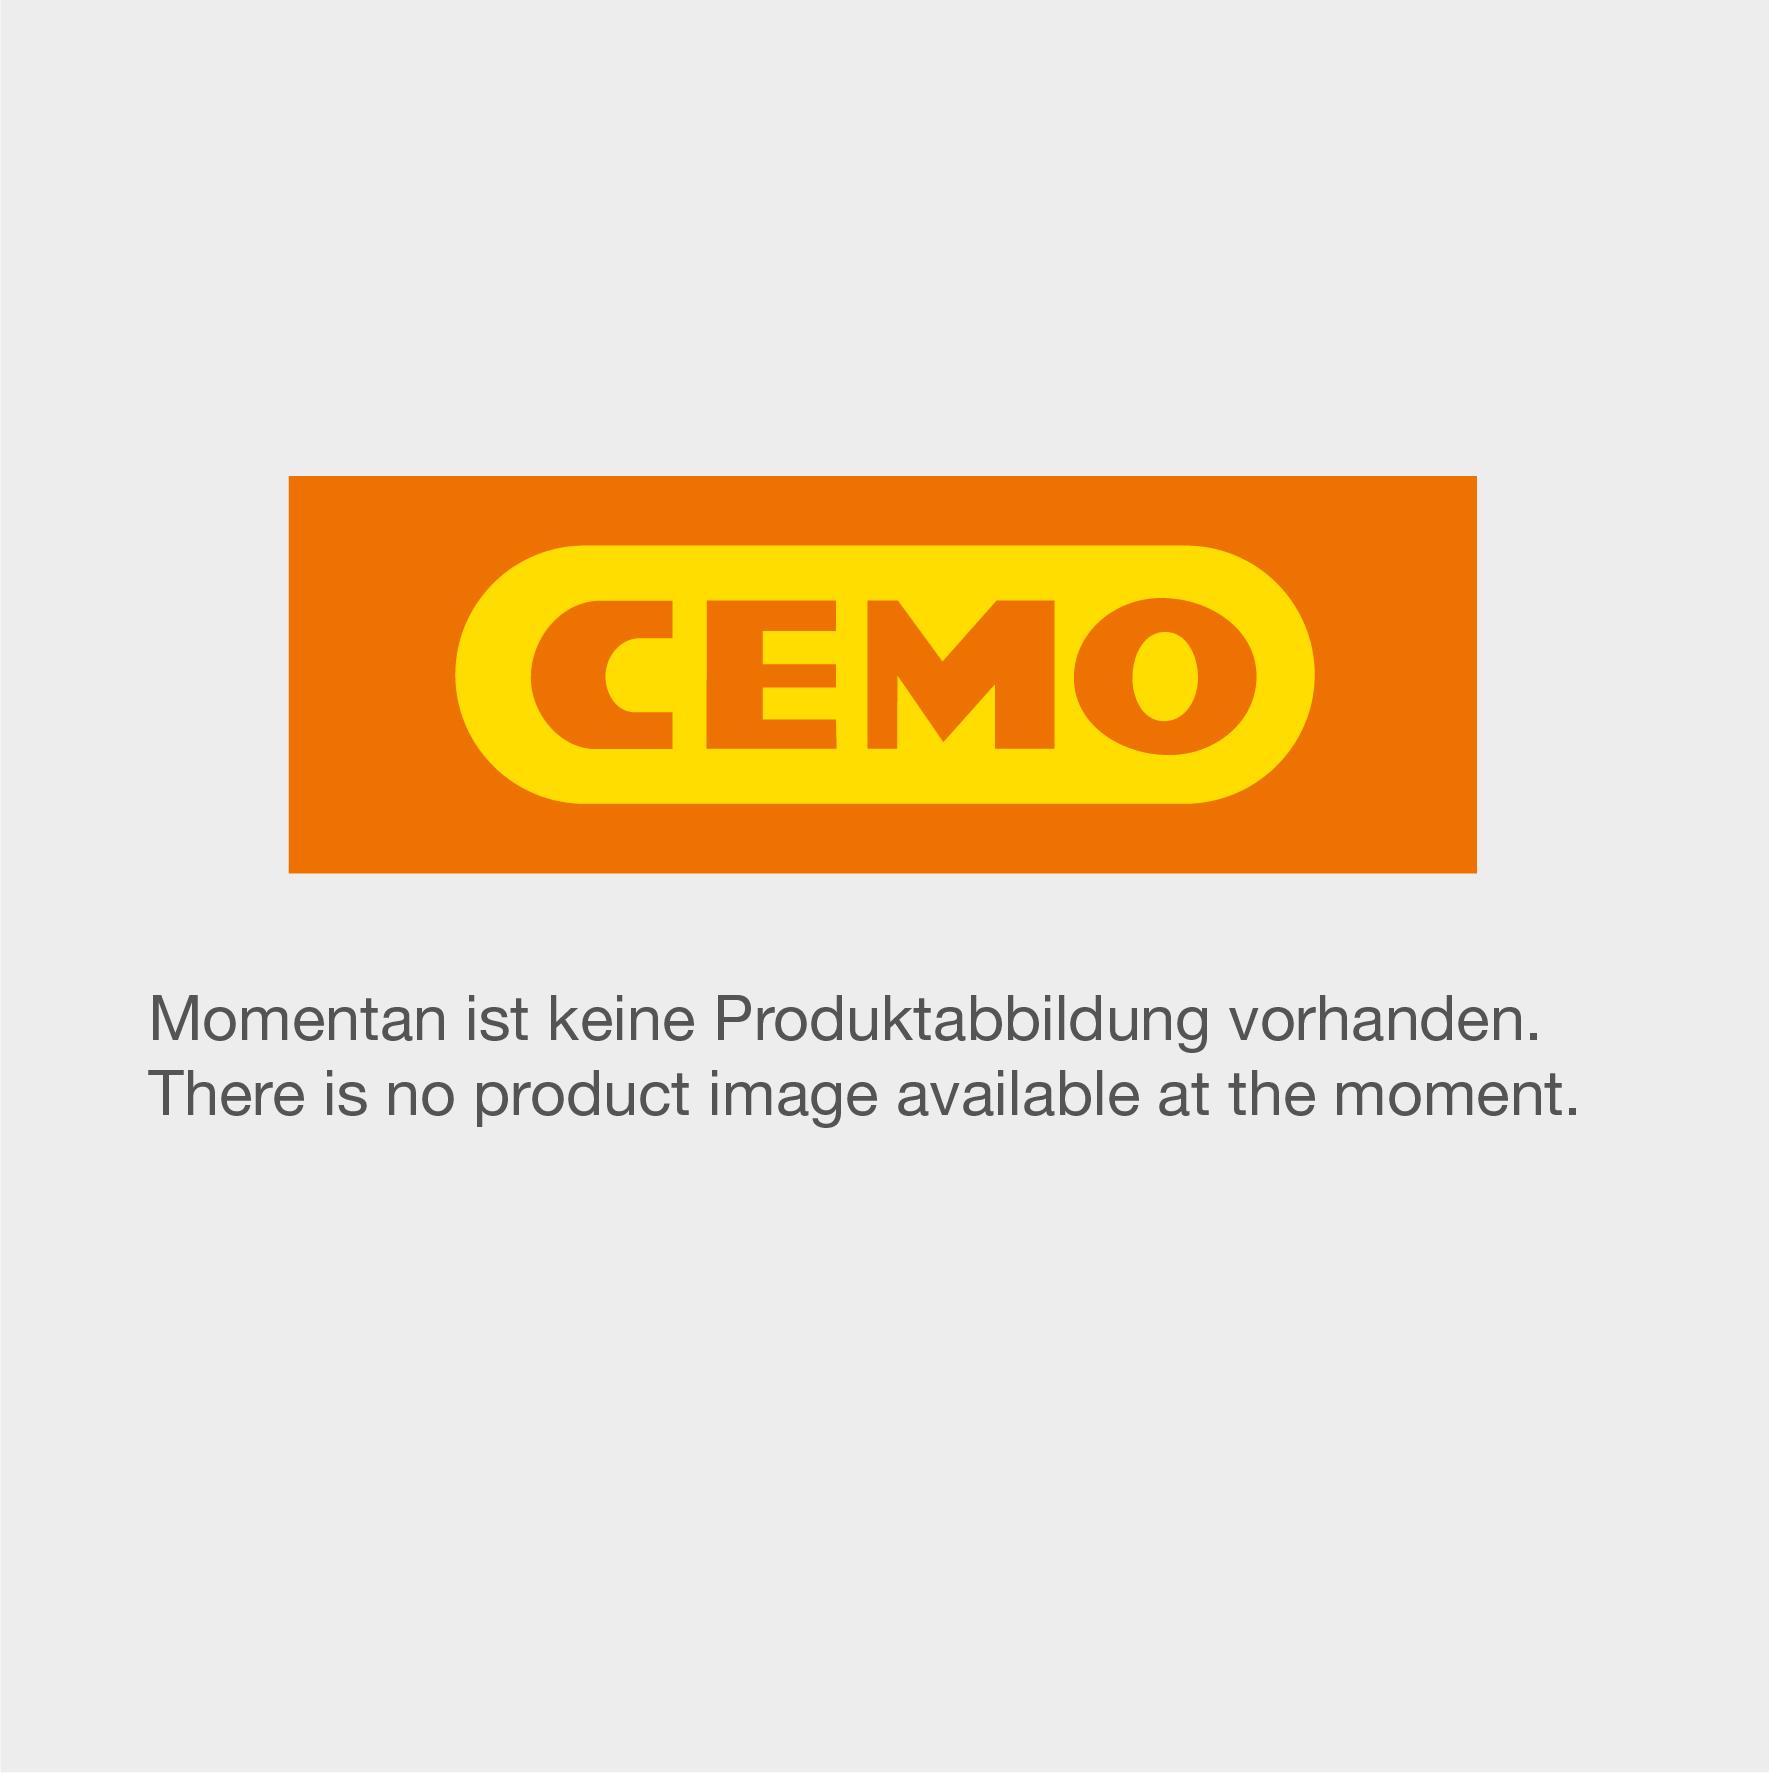 Diesel-Zapfsäulen 70 FM und 100 FM